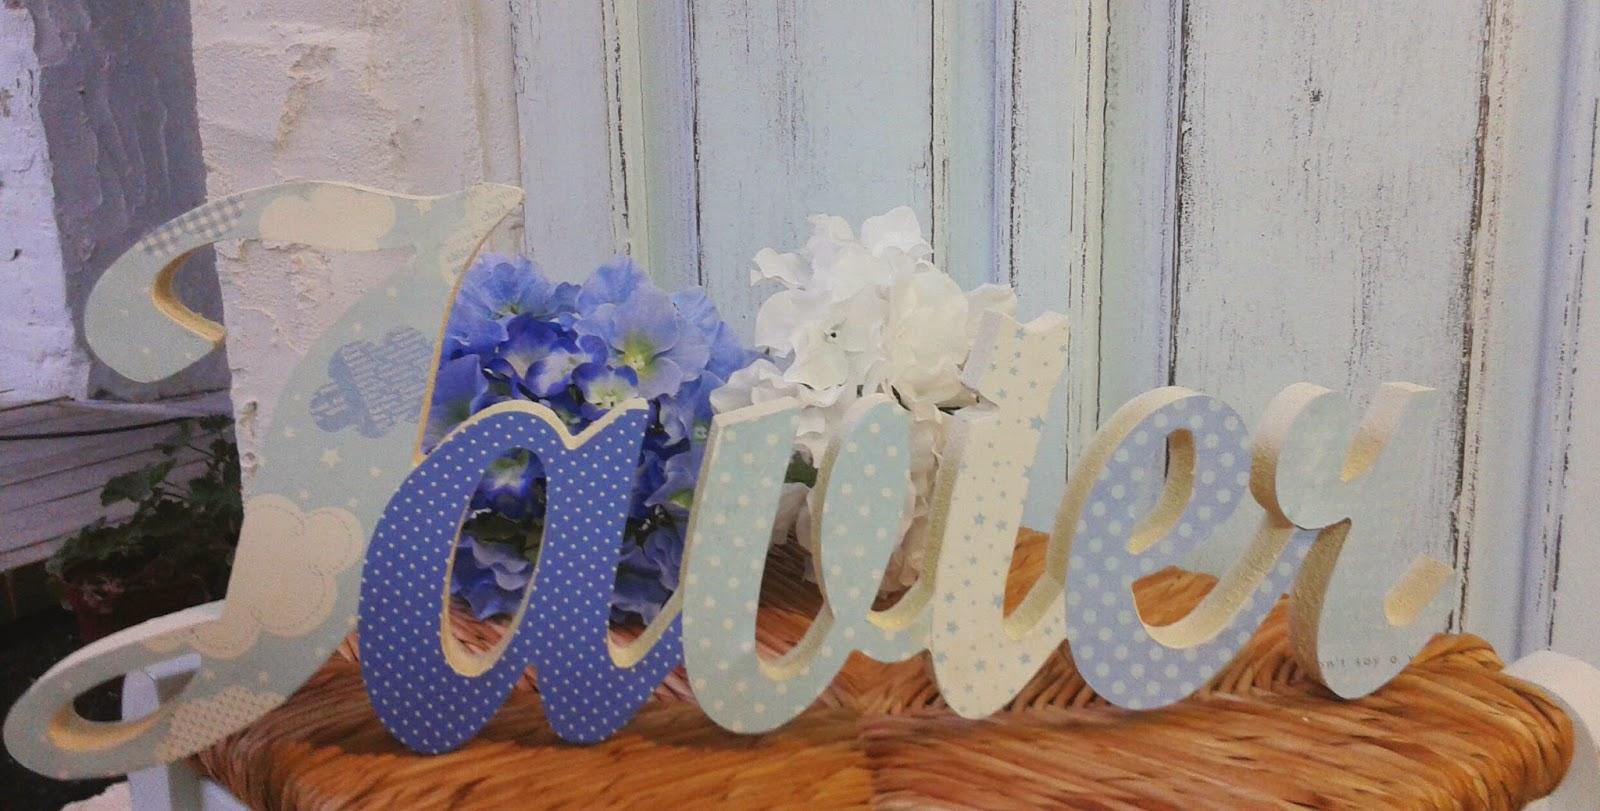 El taller de cayetana letras infantiles con papel scrap para apoyar - Letras decoradas scrap ...